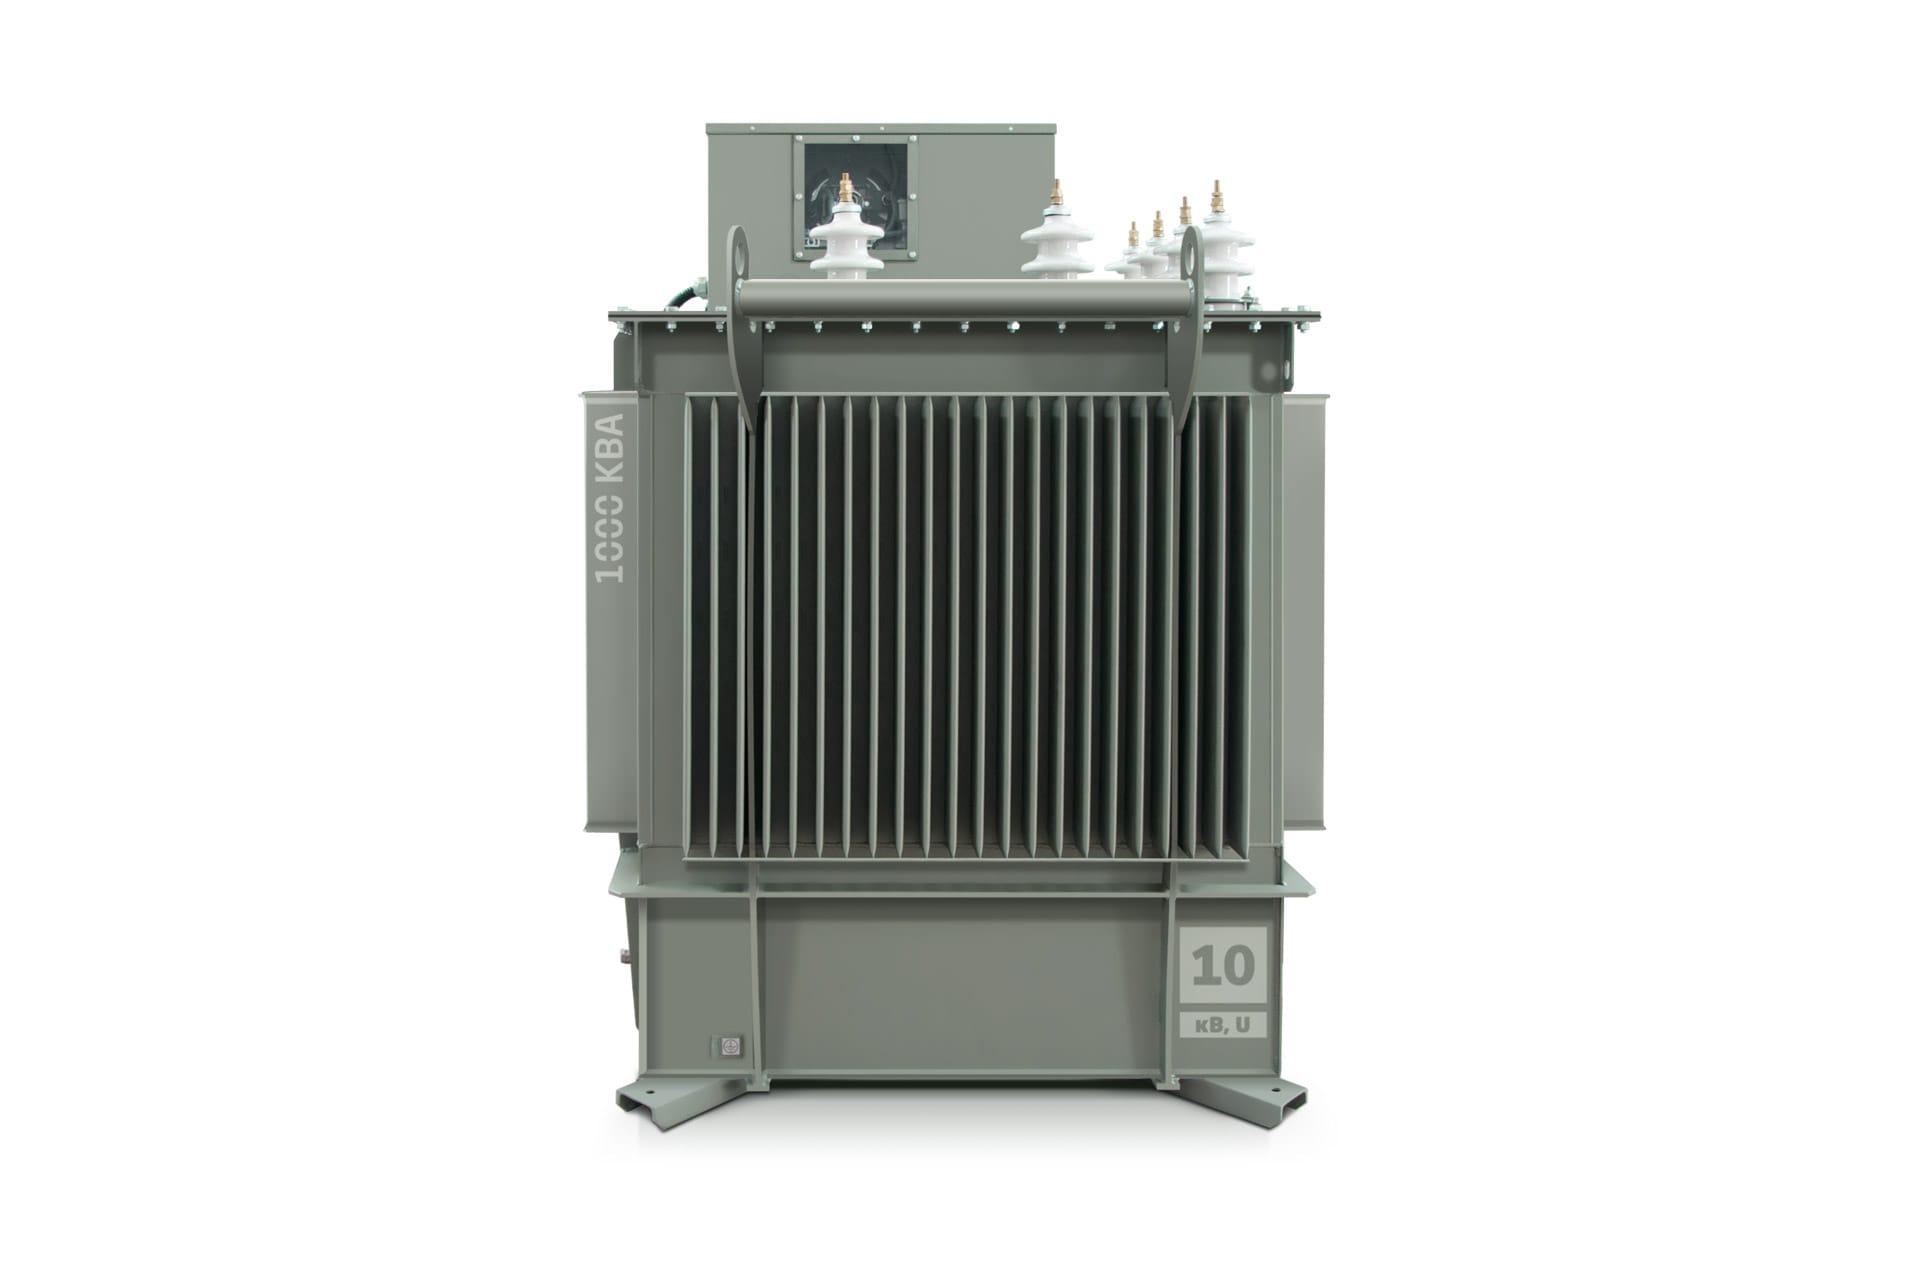 Ensons - Общий вид масляного агрегата АЗДПМ 6(10) кВ